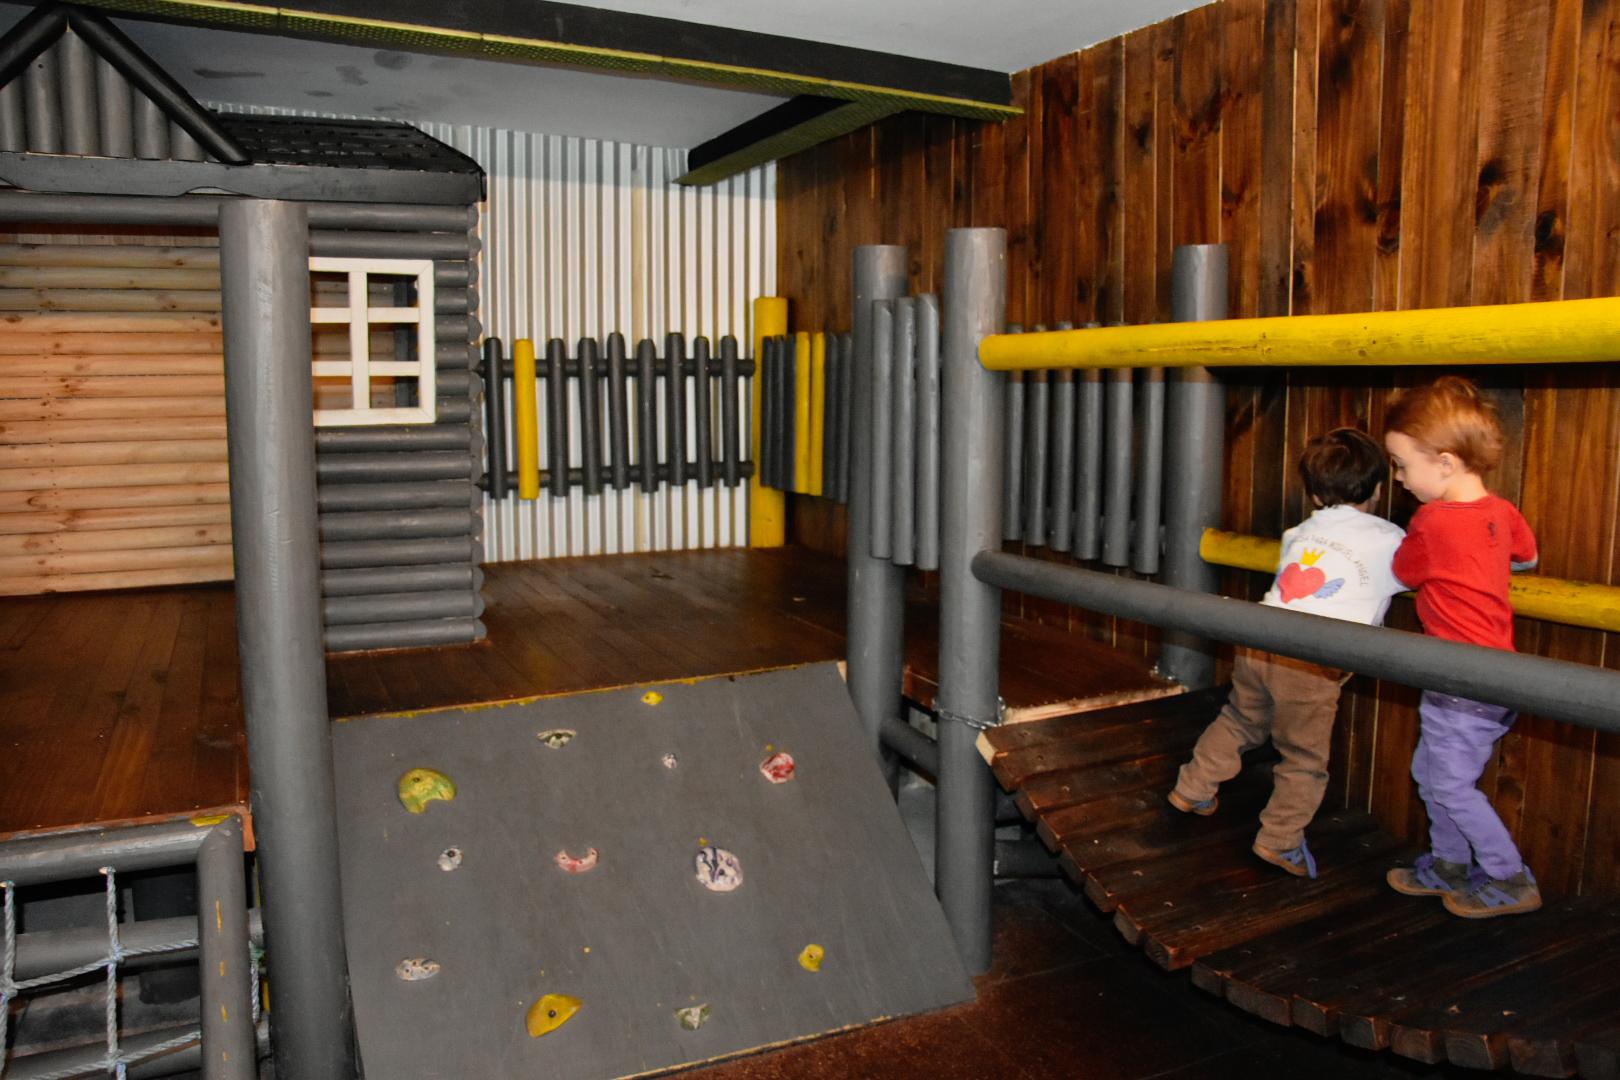 El Aleman Experto play area